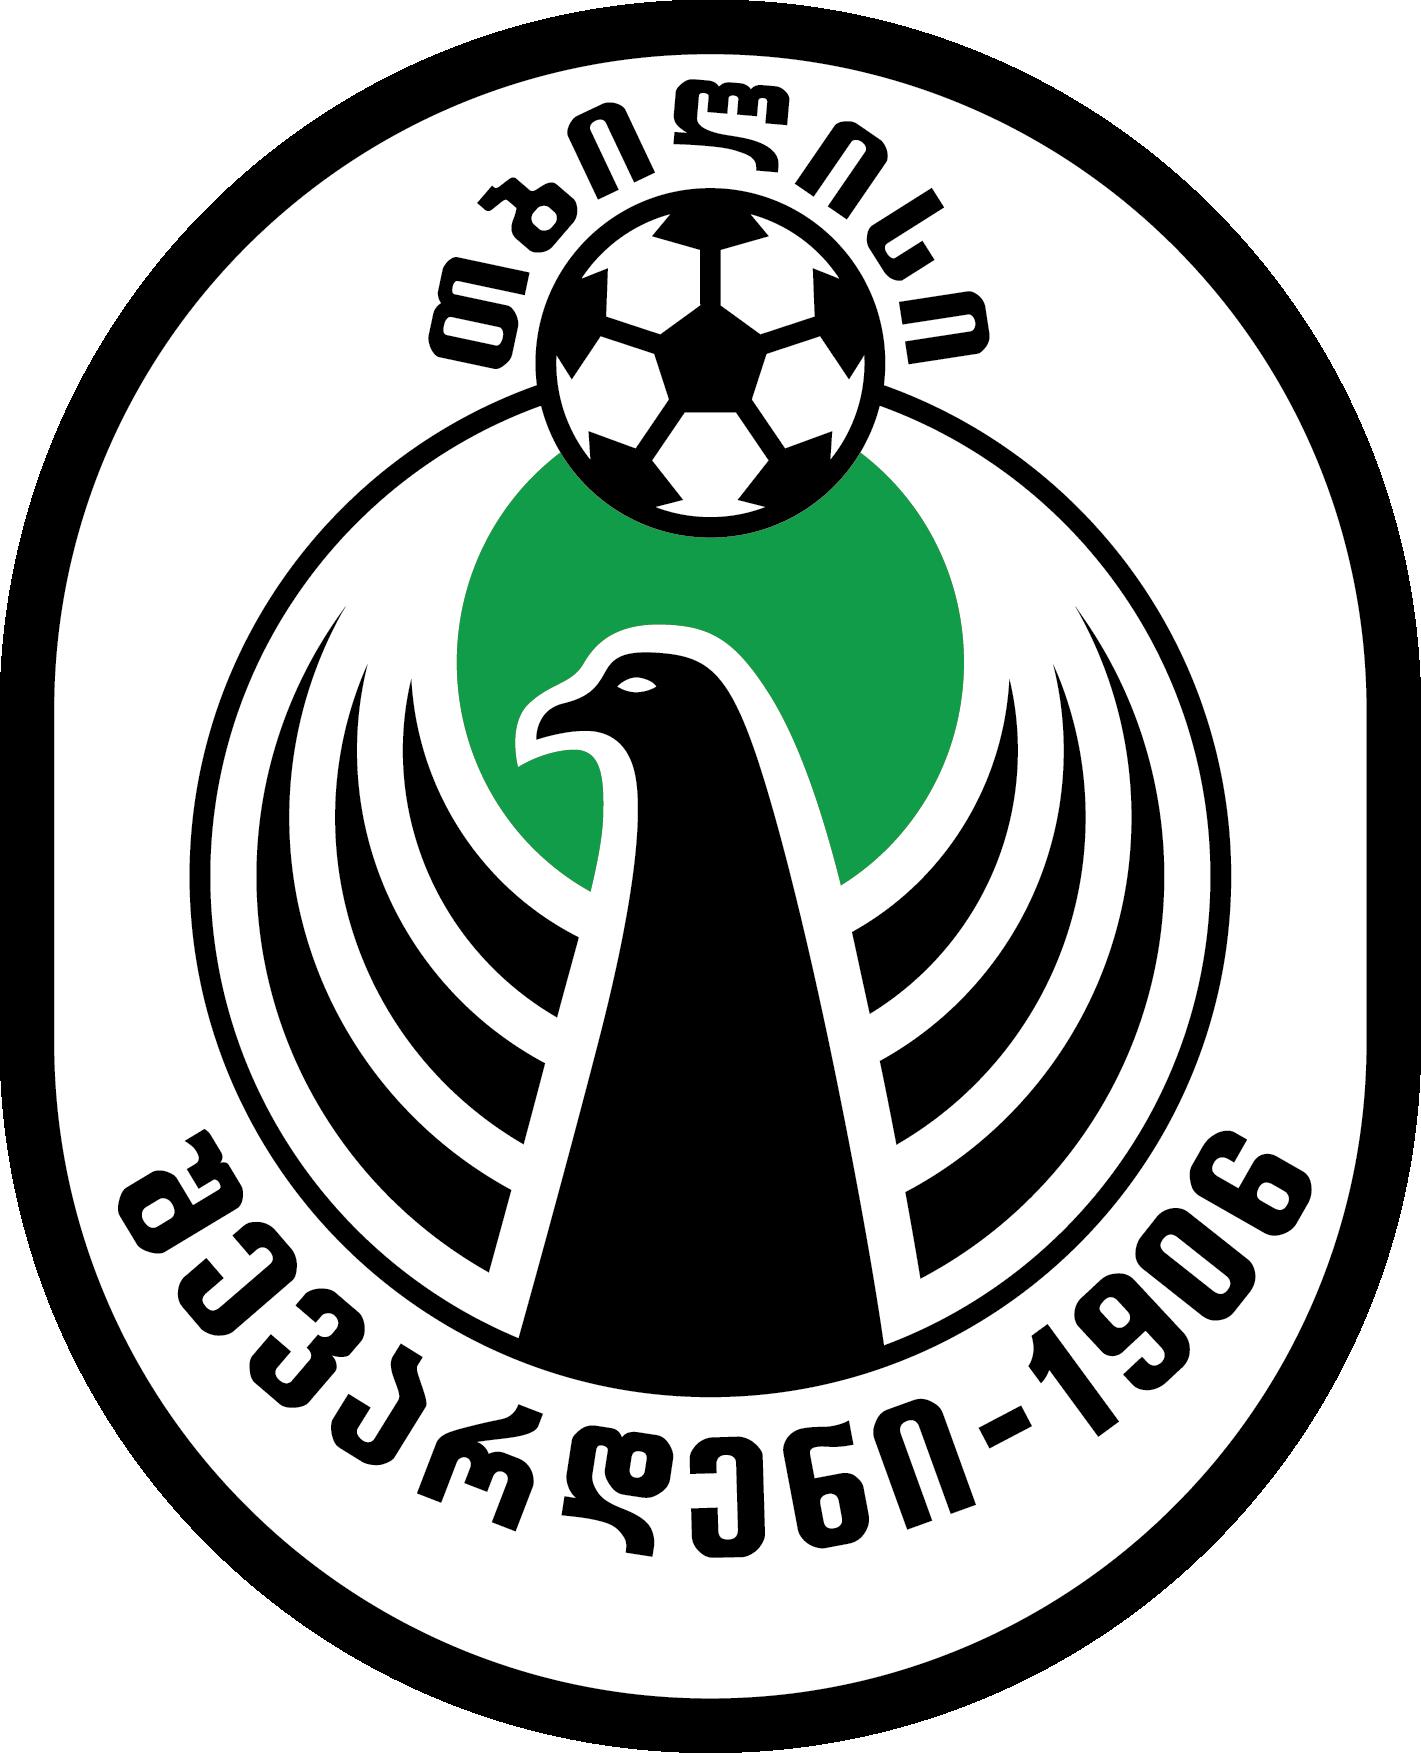 Shevardeni 1906 logo